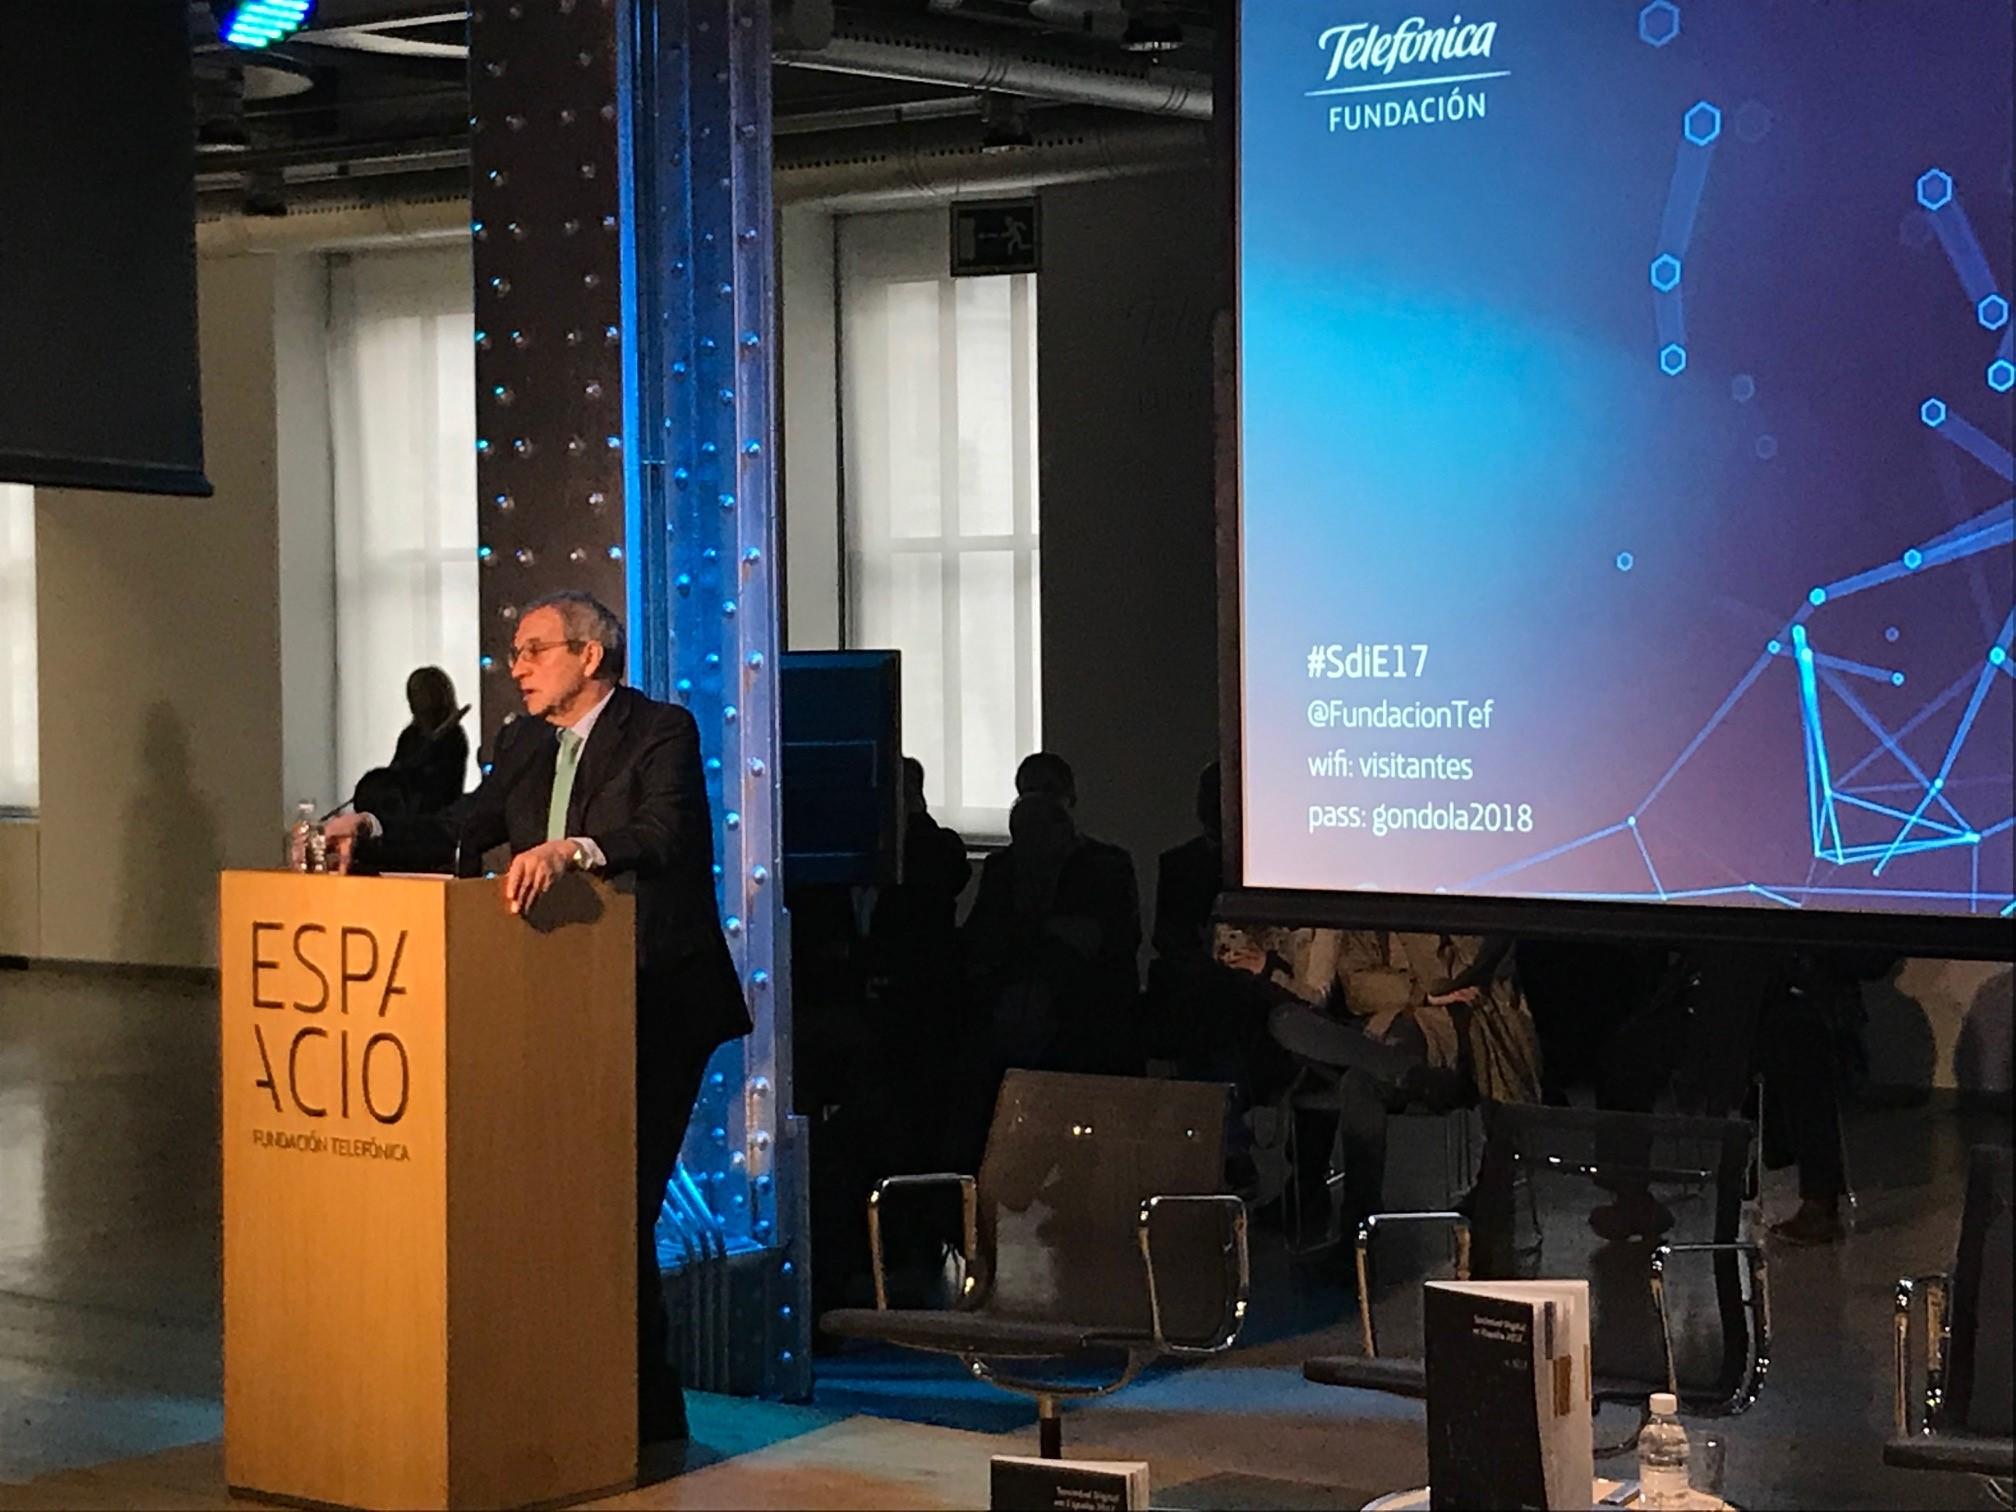 El presidente de la Fundación, Cesar Alierta, durante su intervención